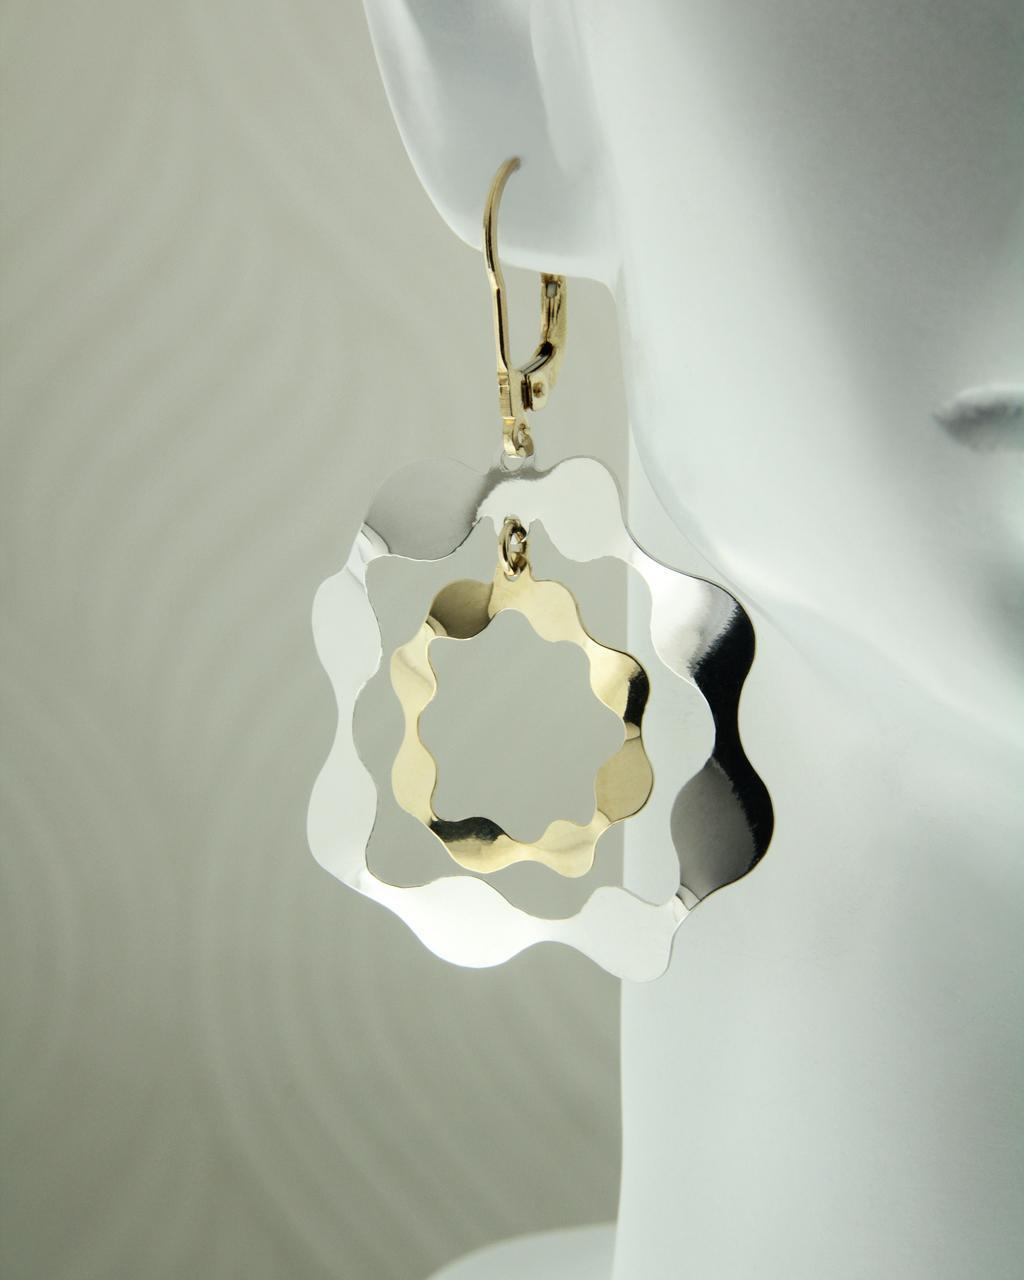 Σκουλαρίκια Κρίκοι σε χρυσό & λευκόχρυσο Κ14   γυναικα σκουλαρίκια σκουλαρίκια κρίκοι